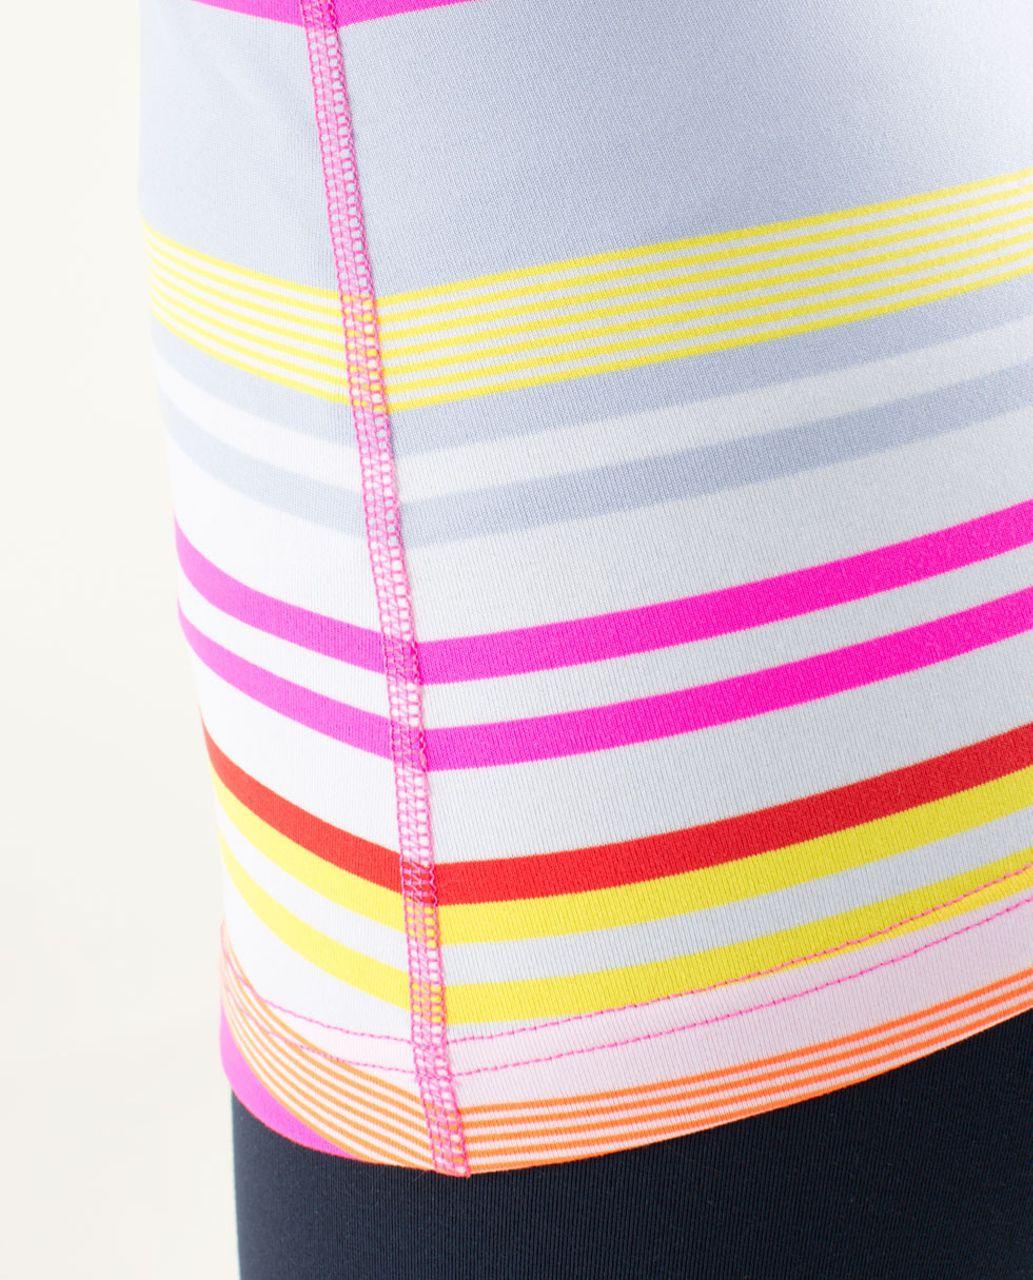 Lululemon Cool Racerback - Groovy Stripe Multi